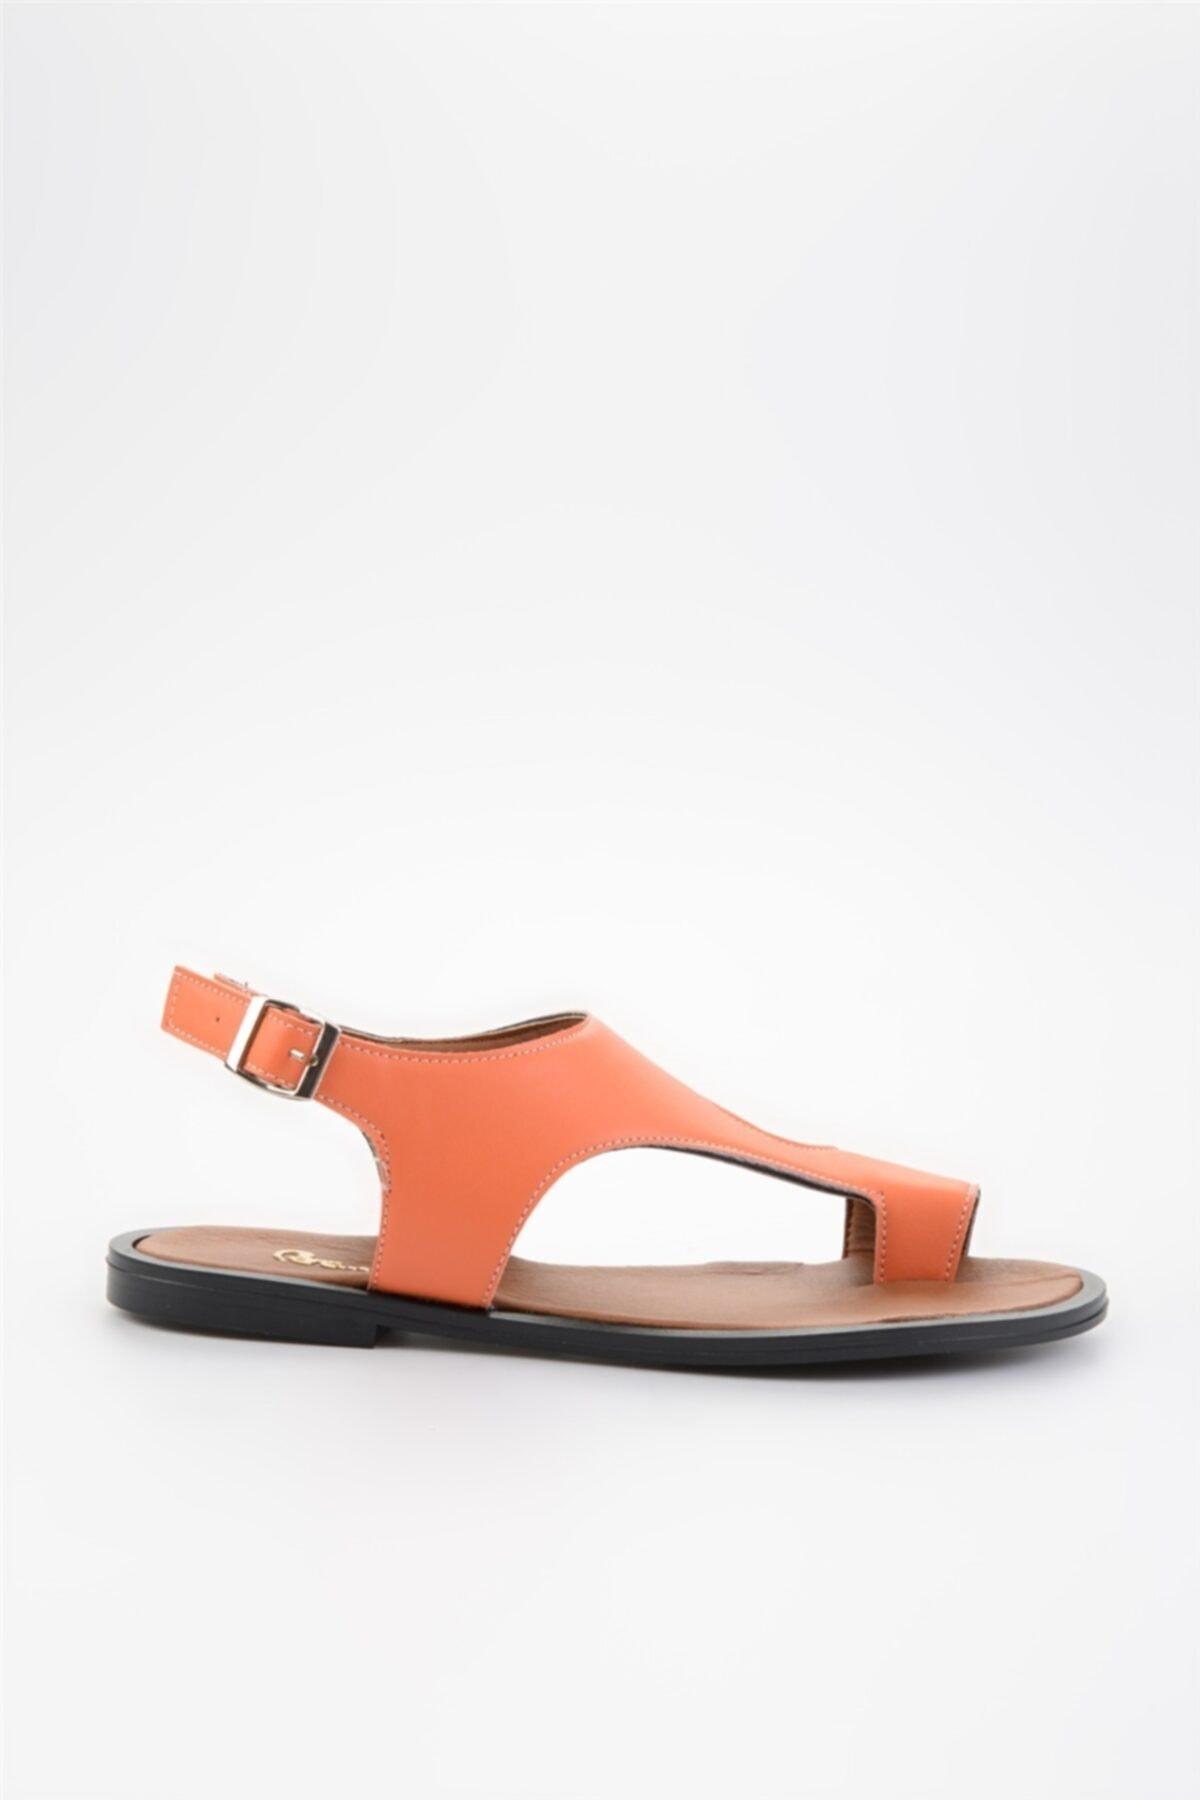 Bambi Turuncu Kadın Sandalet L0835121009 1